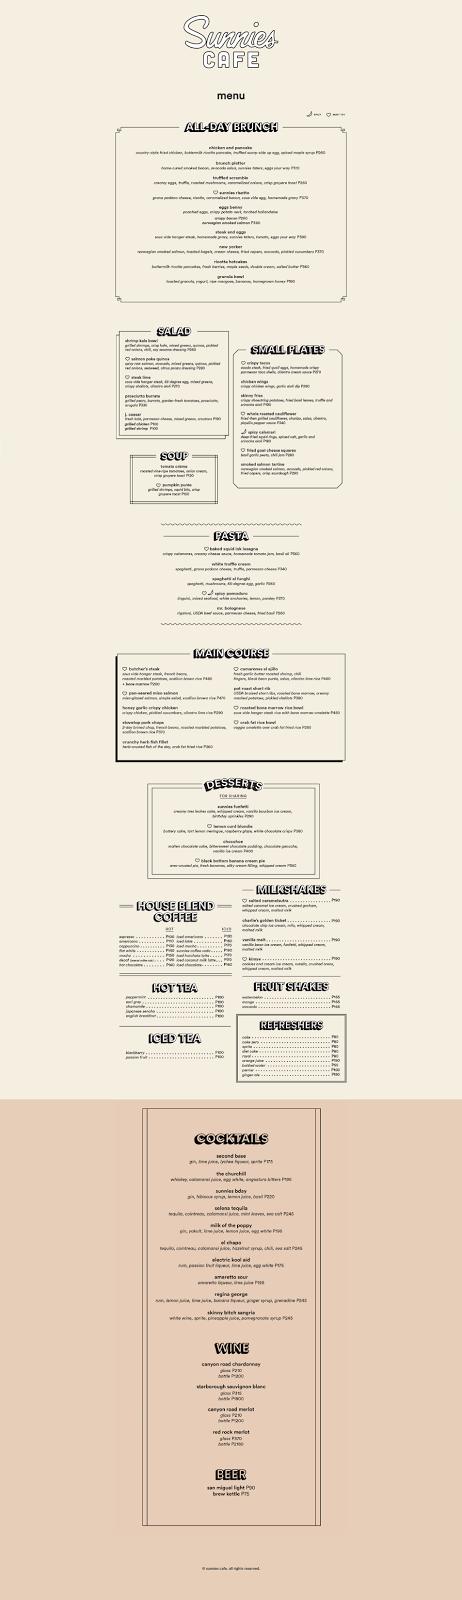 Sunnies Cafe menu